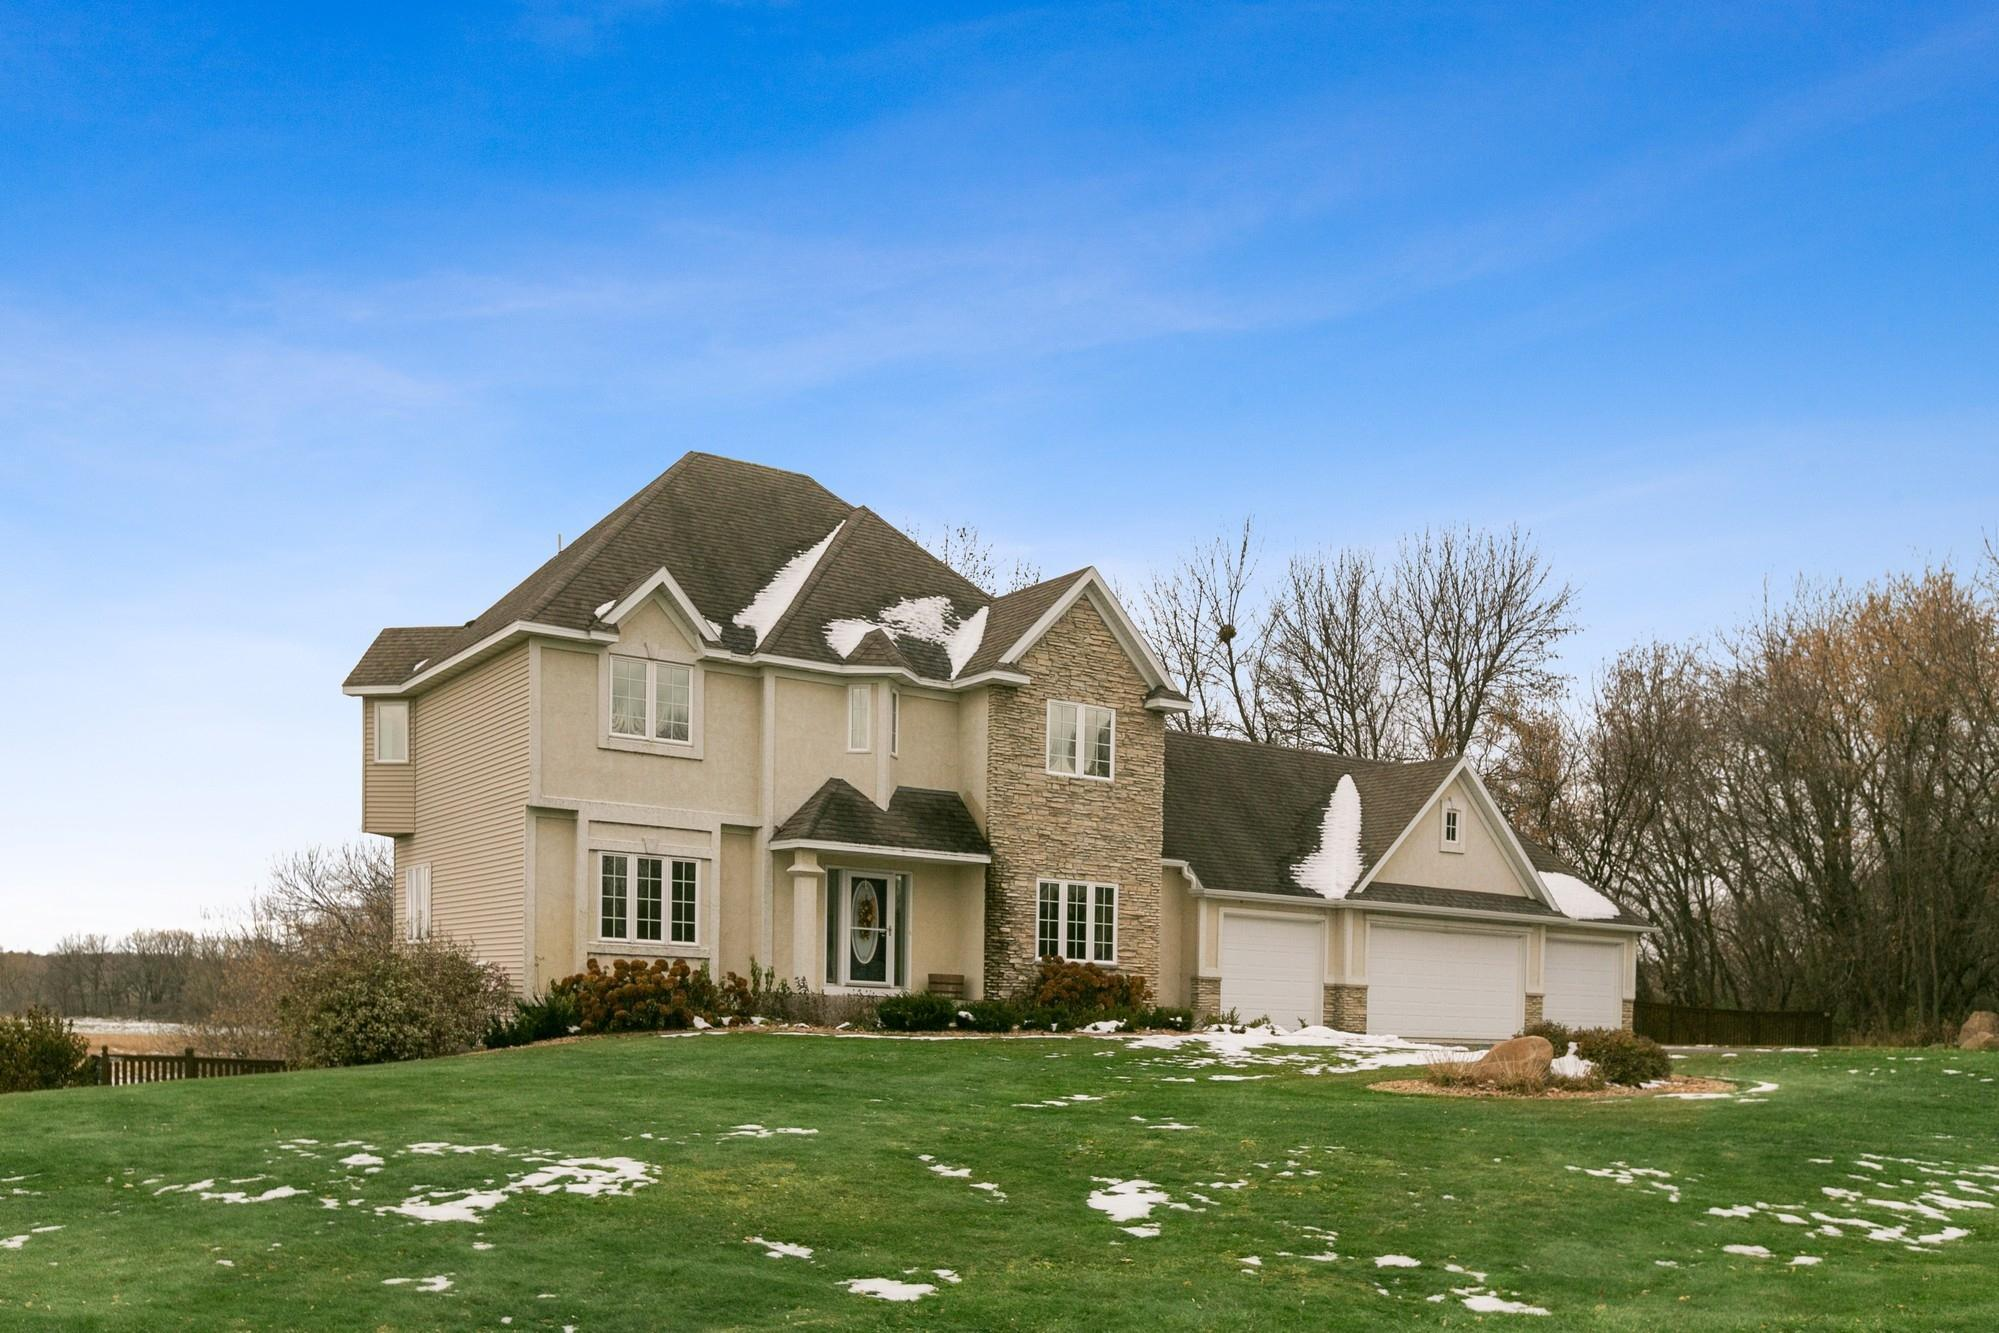 5675 Winker Lane, Prior Lake MN 55372 - Photo 1